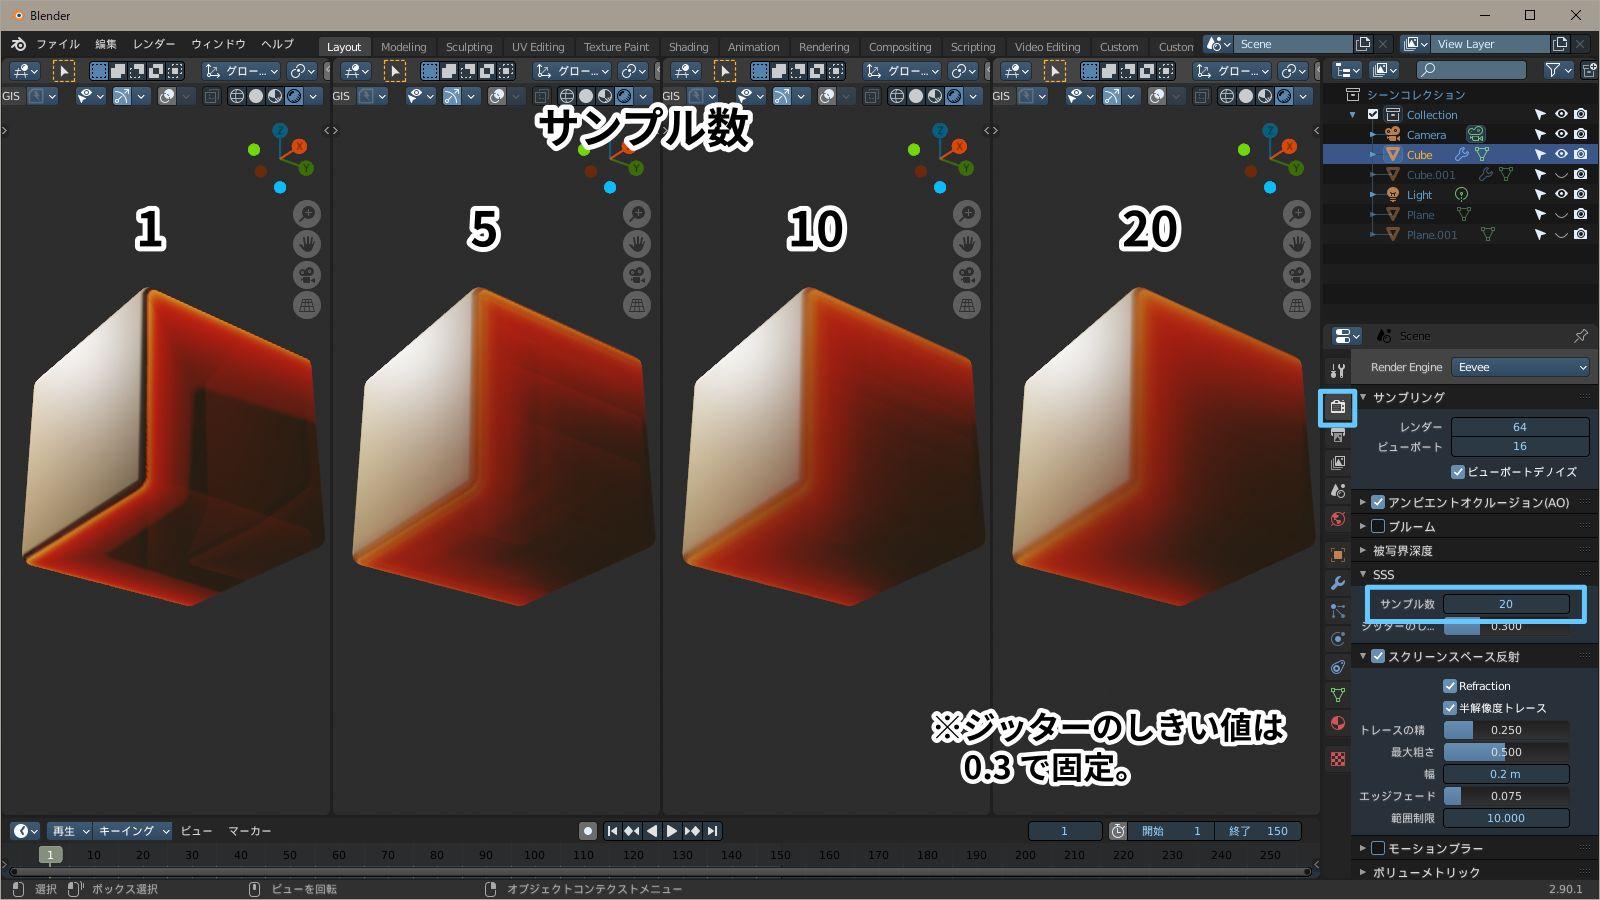 f:id:hainarashi:20201014215819j:plain